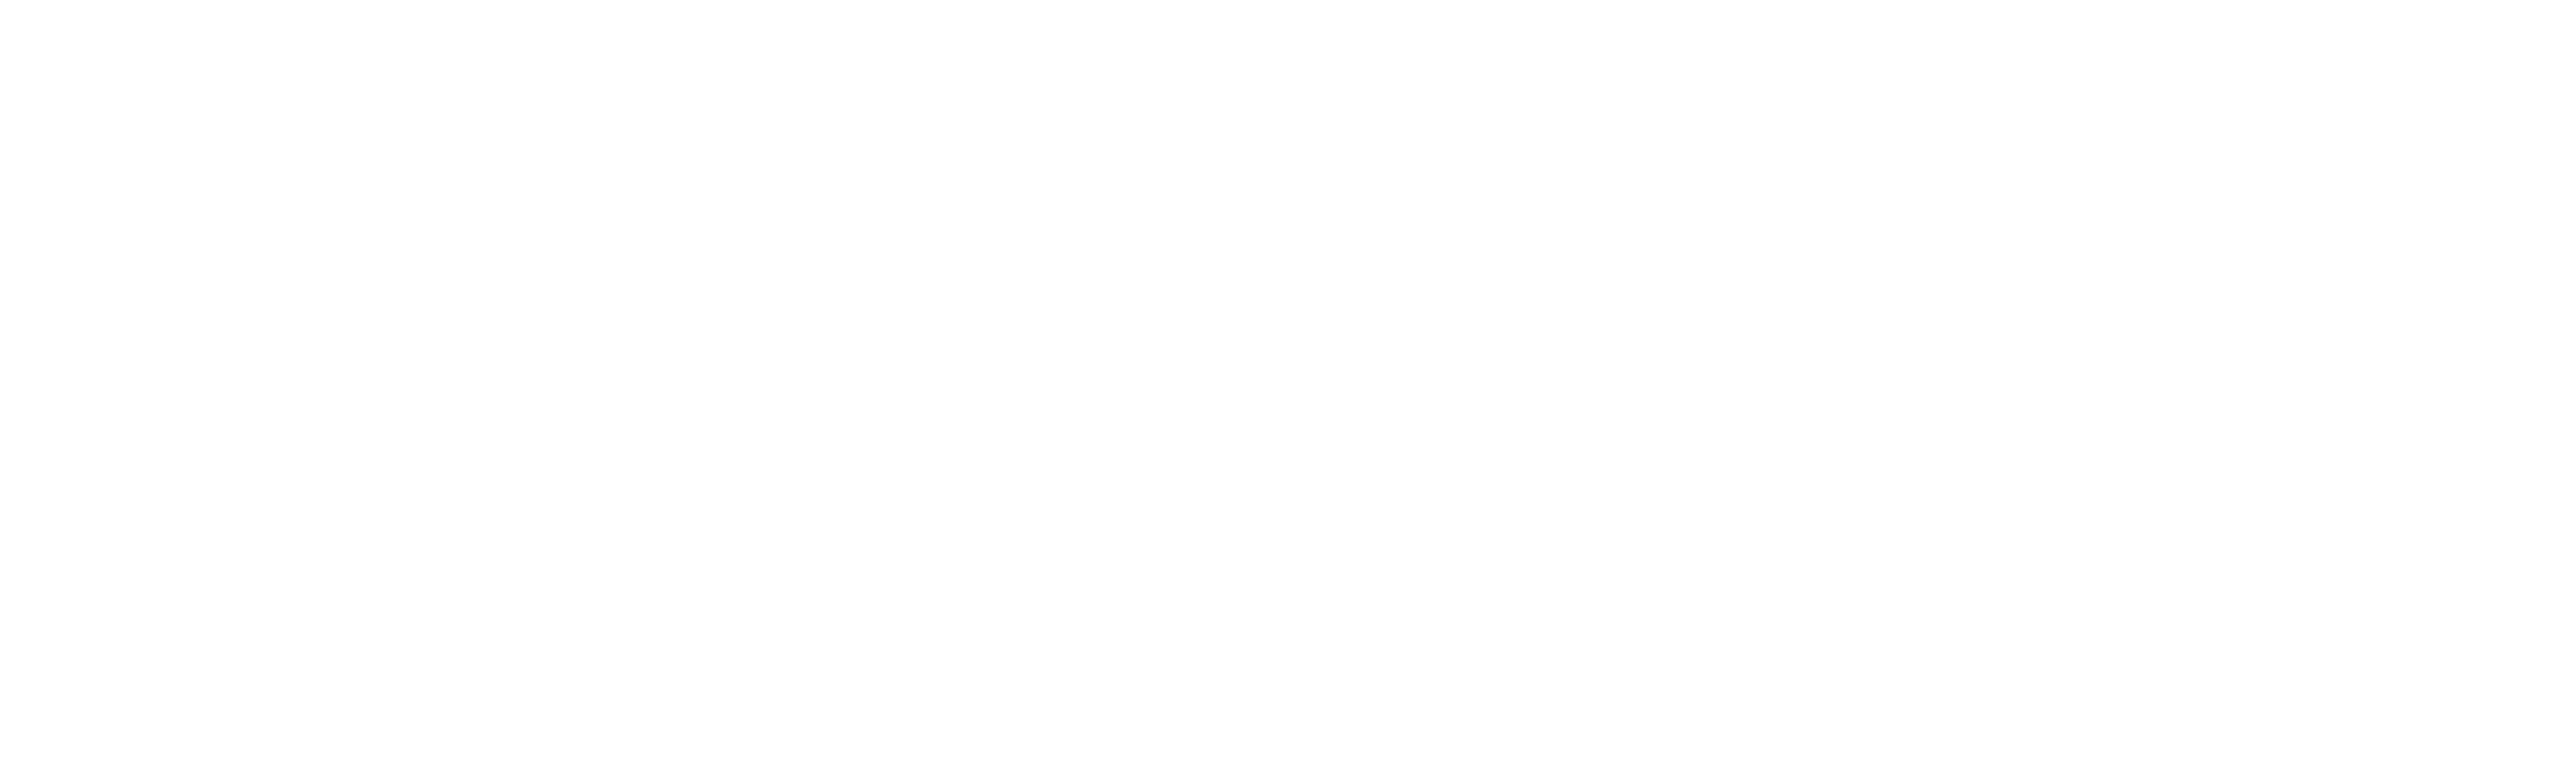 Calendario 2019 Para Argentina Más Recientes Lollapalooza Argentina 2019 En Hip³dromo De San isidro Fiesta Of Calendario 2019 Para Argentina Más Recientes Argentina Summit 2019 Ad – Anna Litwiller